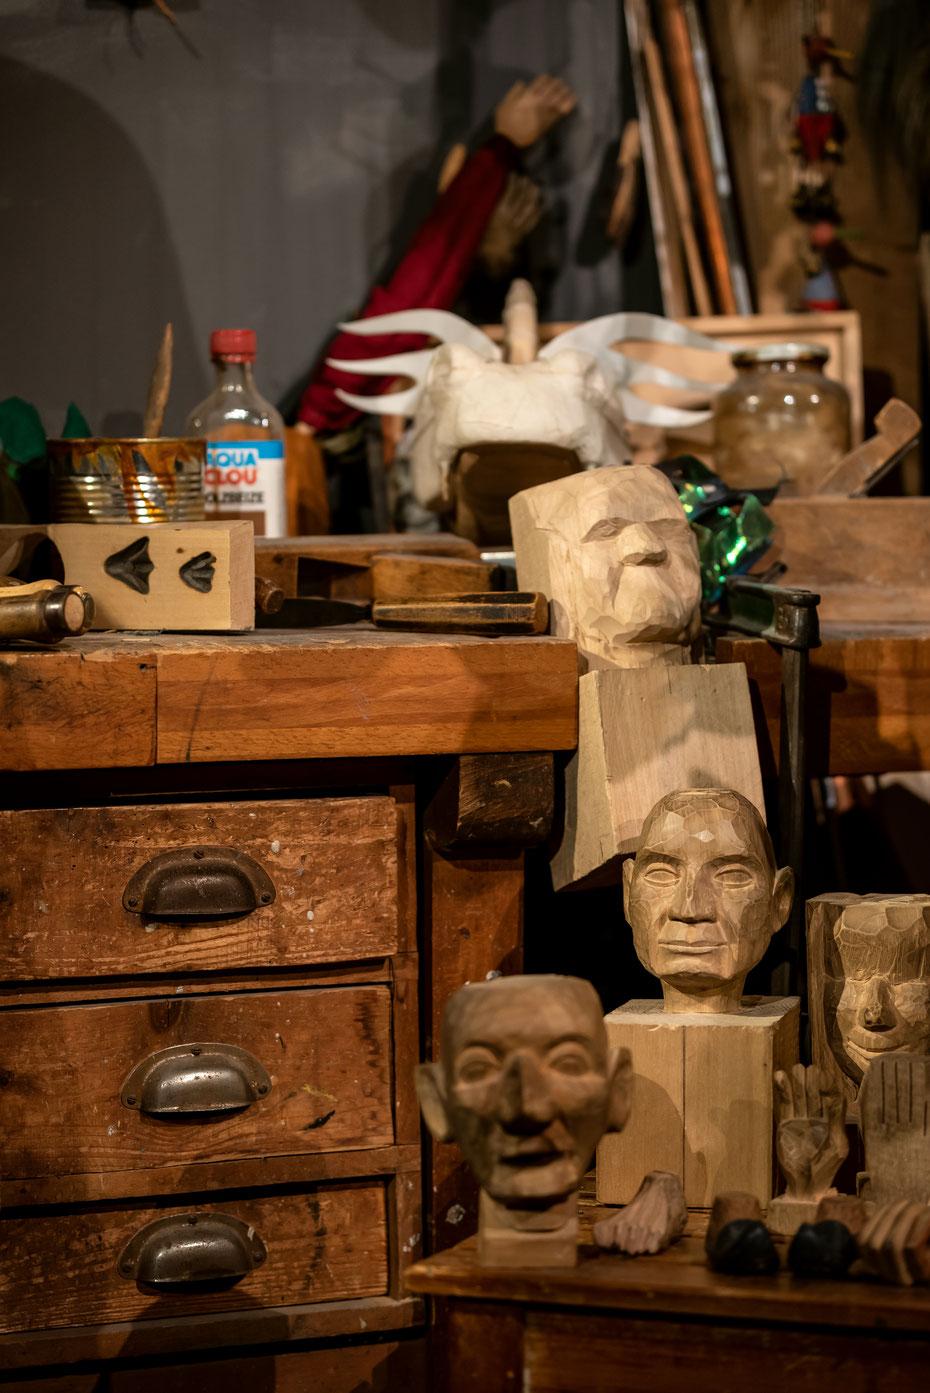 Auf der Werkbank von Hannelore Oehmichen entstanden über 6.000 der weltbekannten Puppen für die Augsburger Puppenkiste. Das Museum im Heilig Geist Spital lädt große und kleine Fans ein.